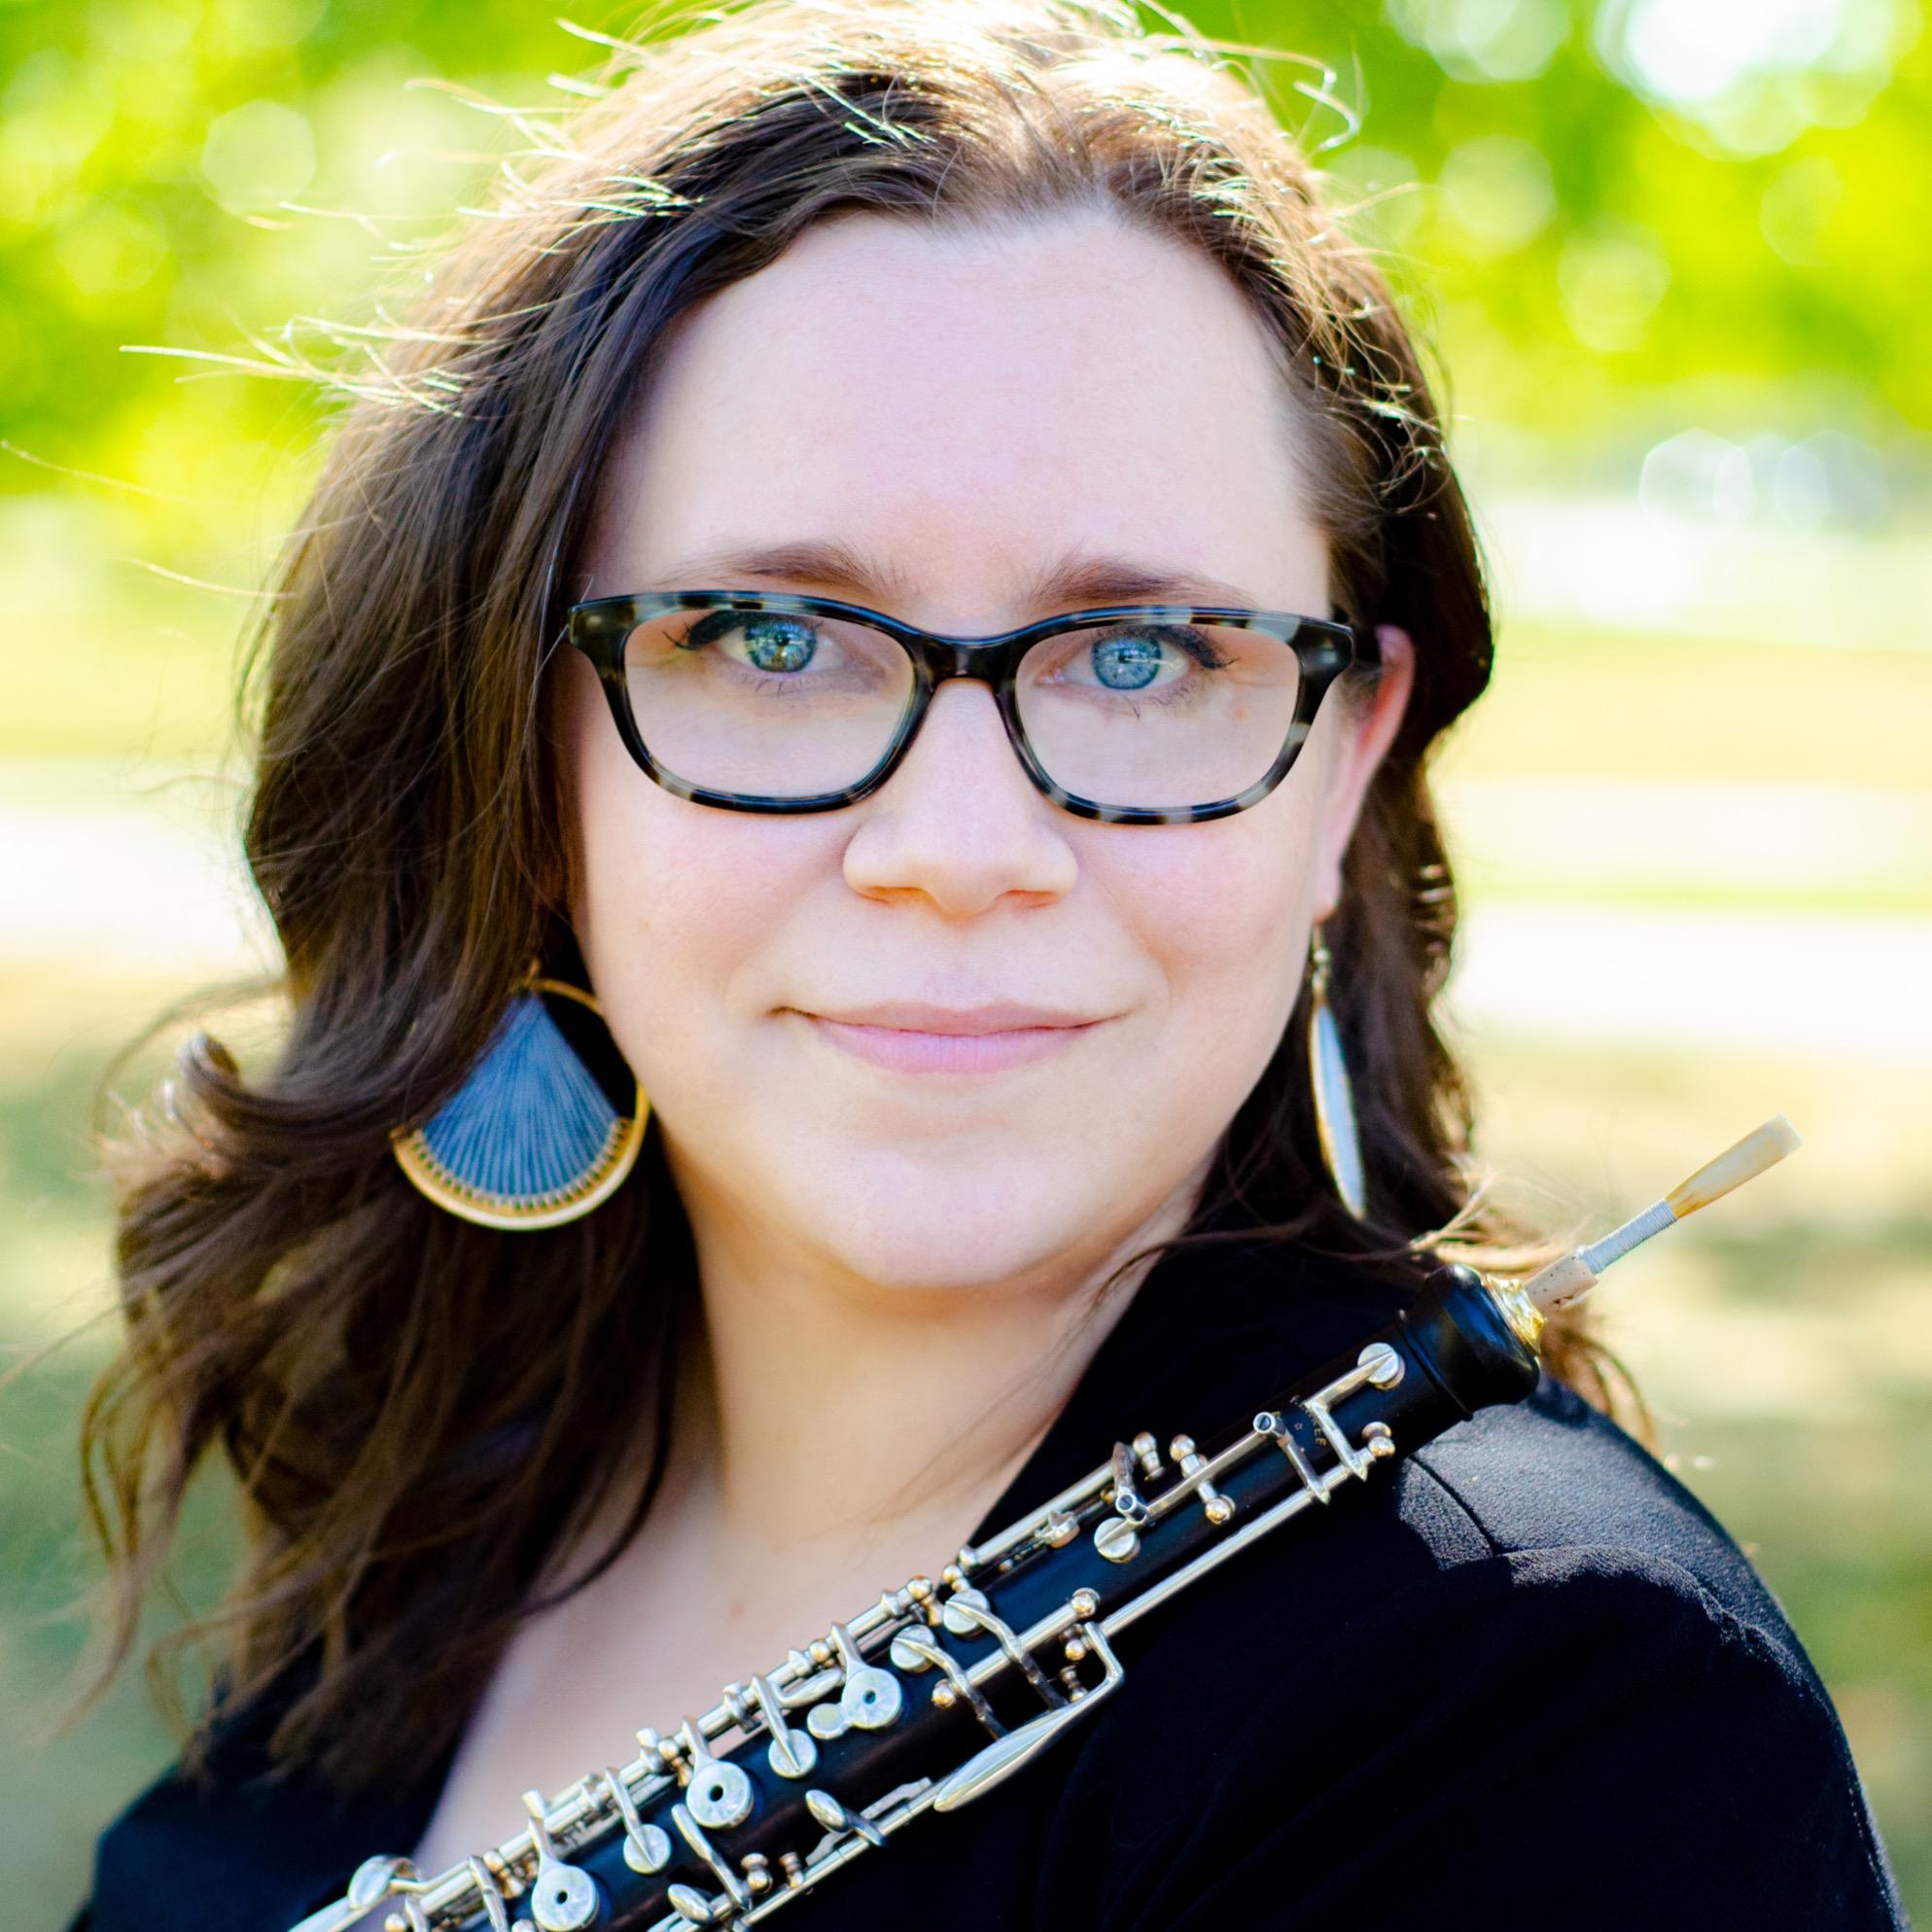 Ashley Ertz